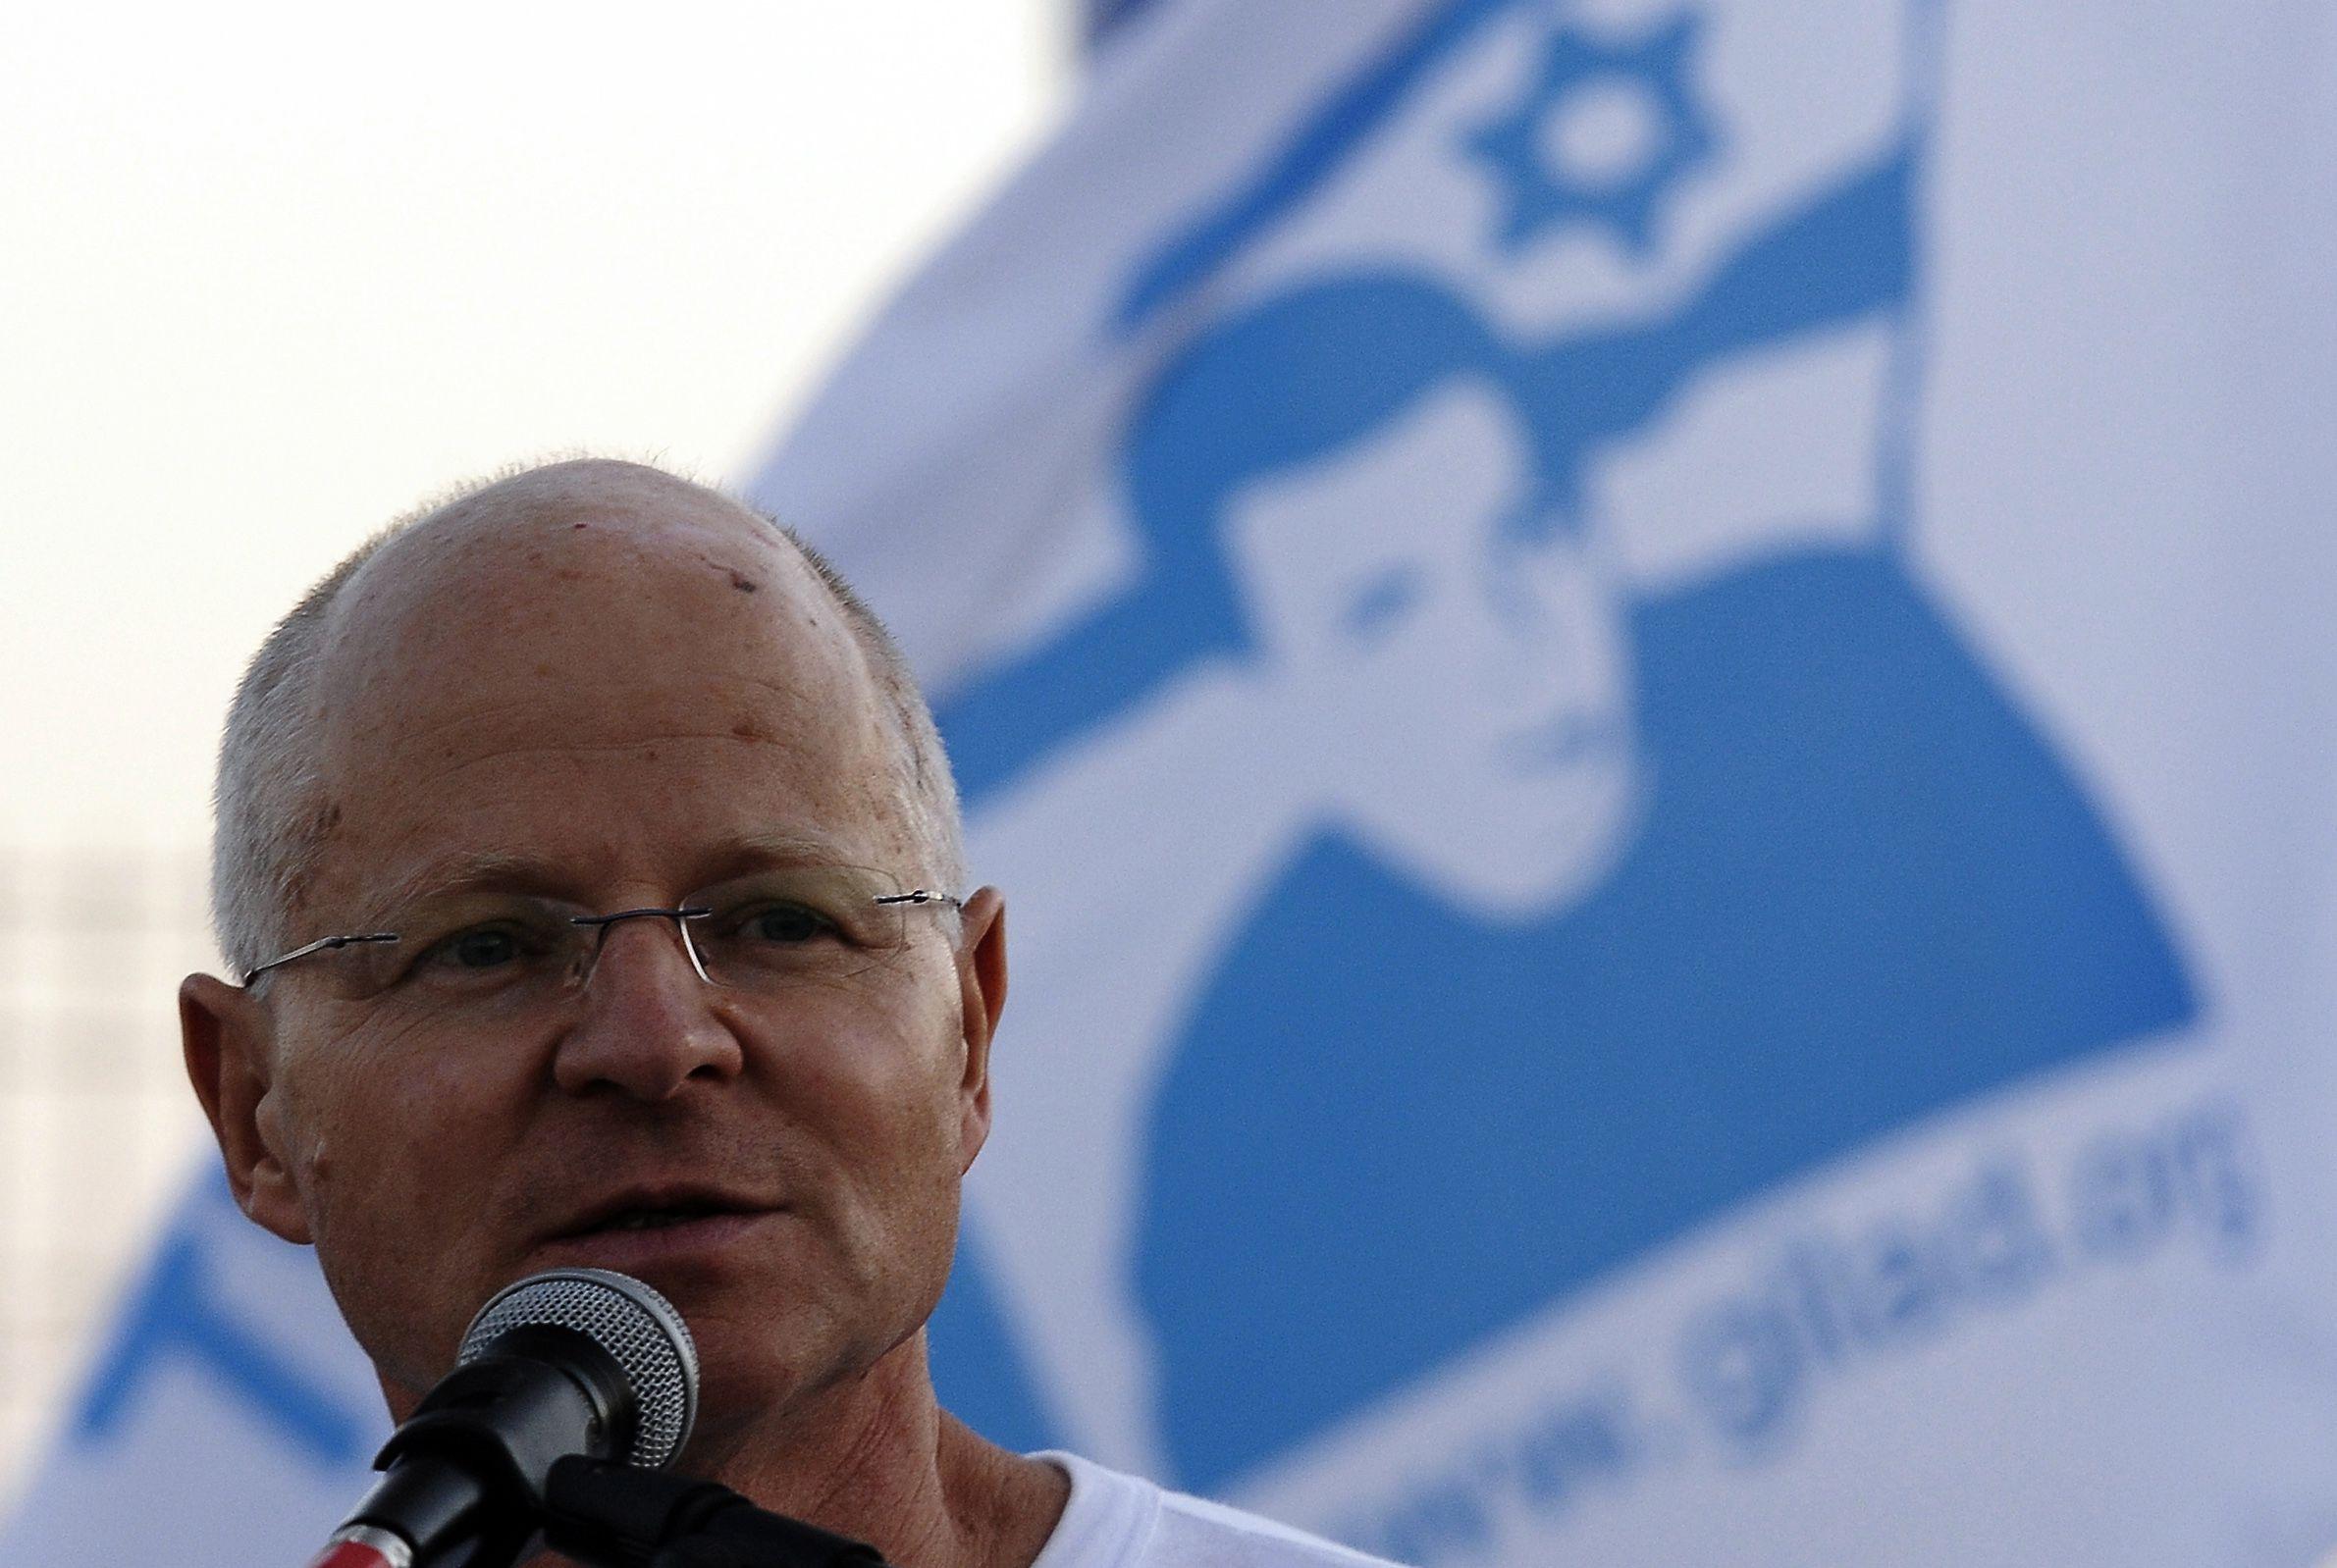 Noam Shalit speaks in Gaza on August 28, 2011, Gilad Shalit?s 25th birthday.